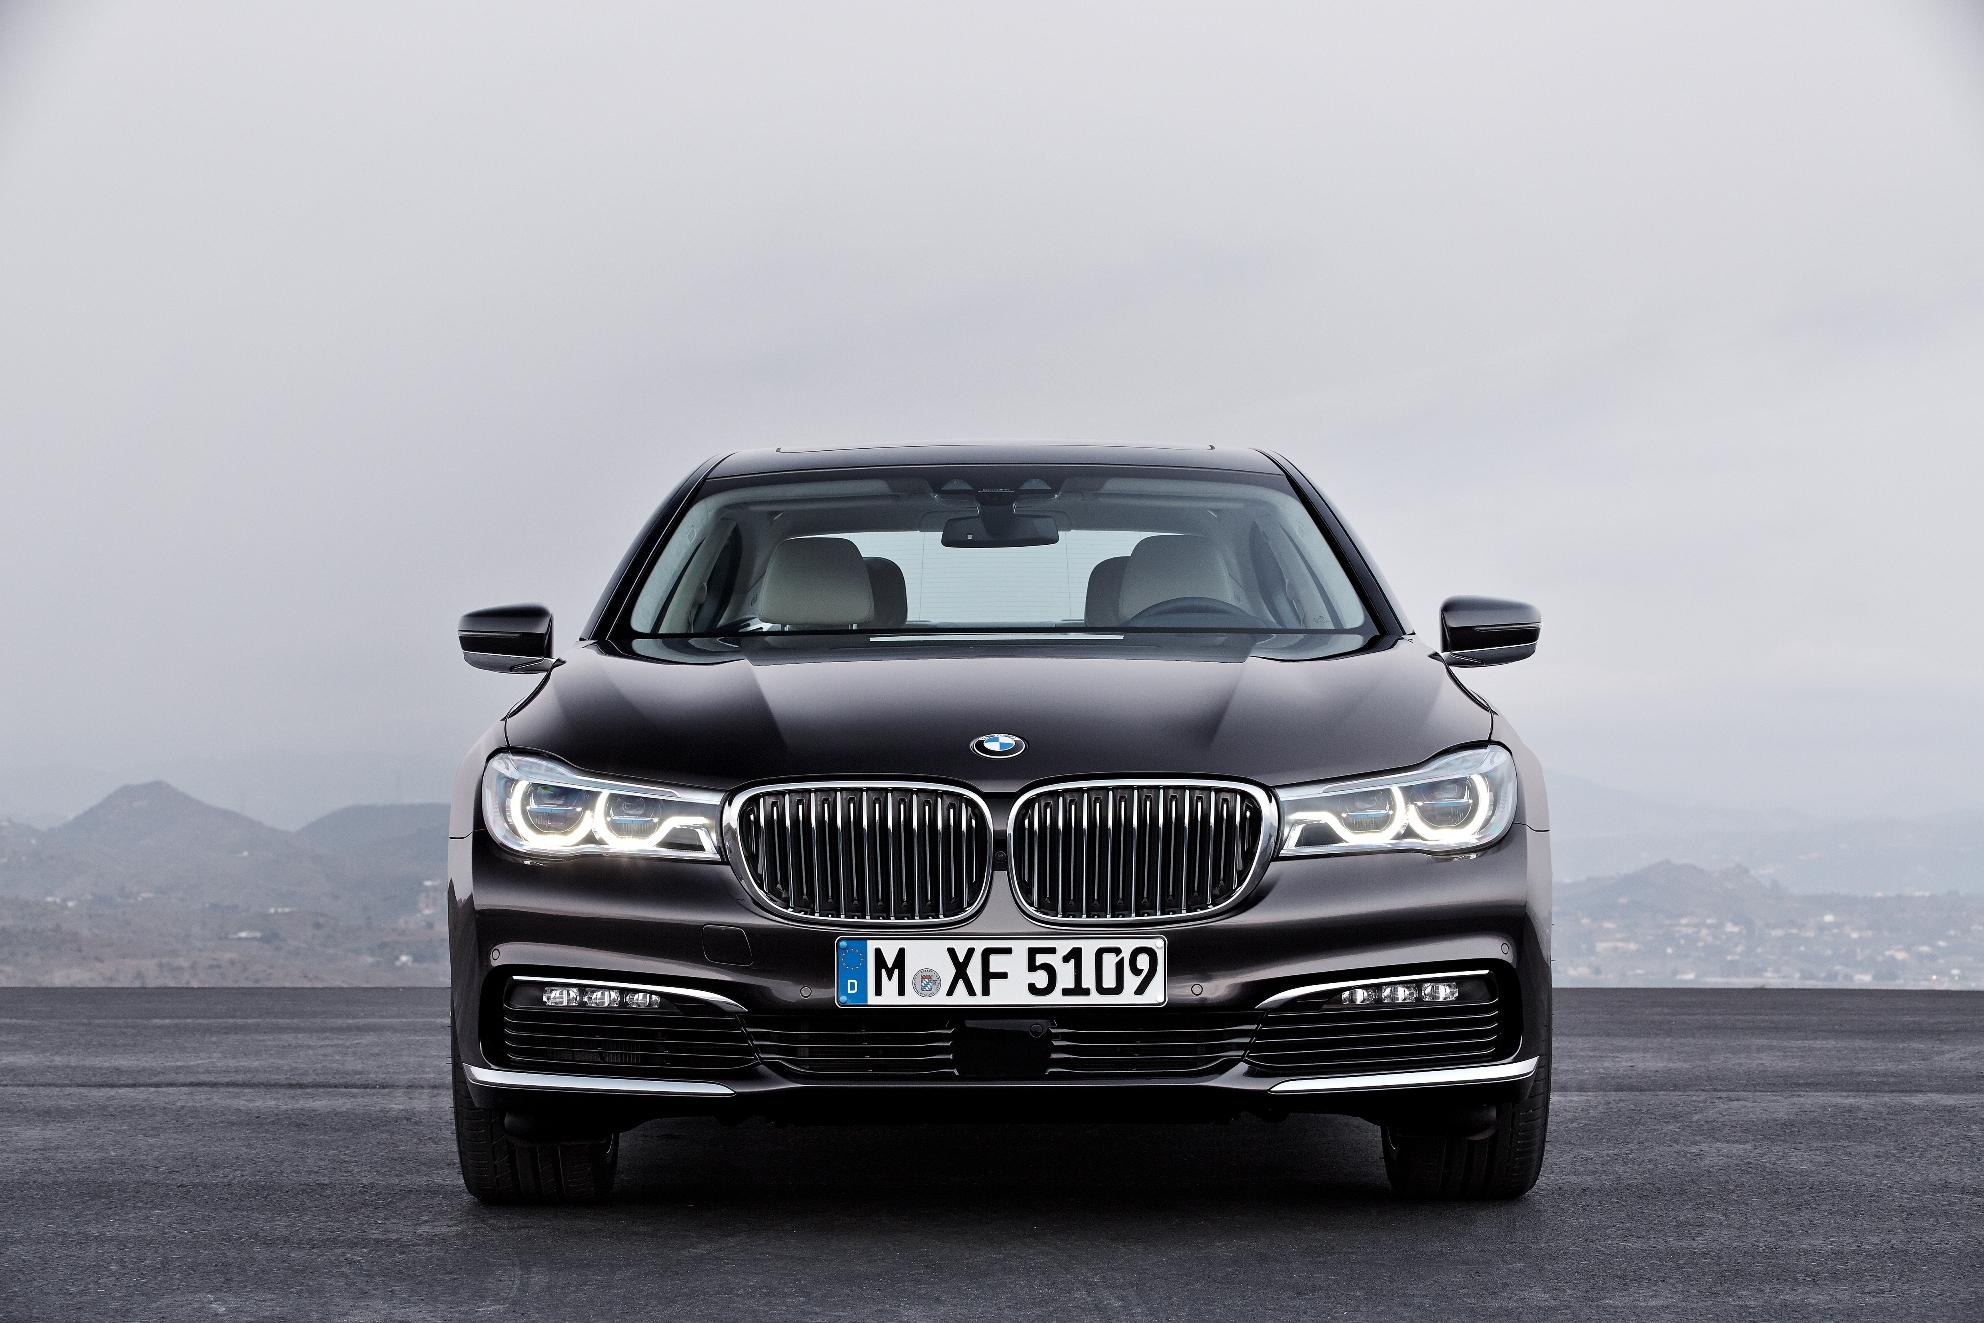 Noul BMW Seria 7 s-a prezentat publicului